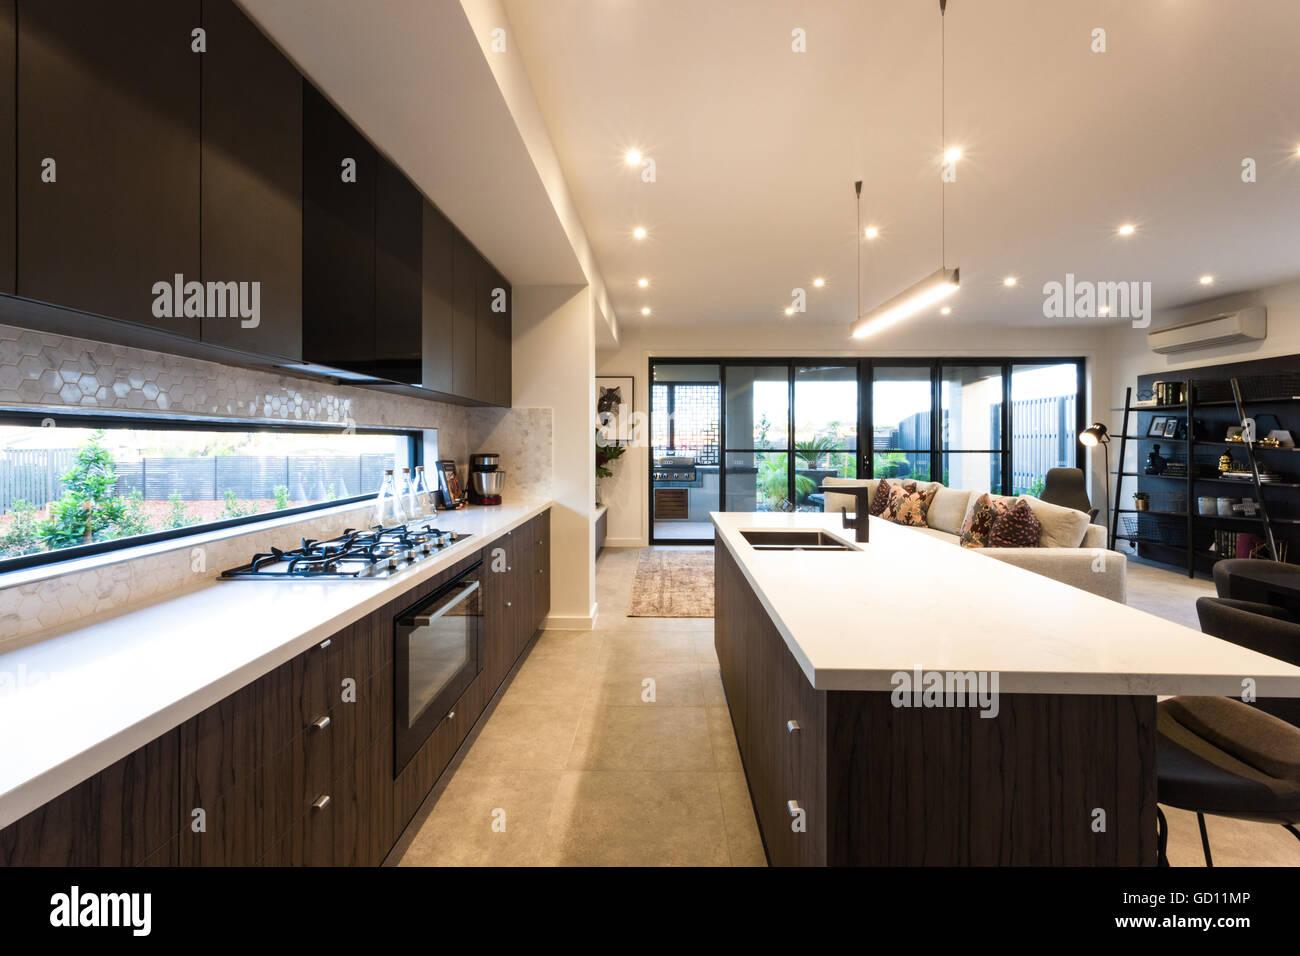 Cucina moderna illuminato con luci a soffitto a tempo di giorno